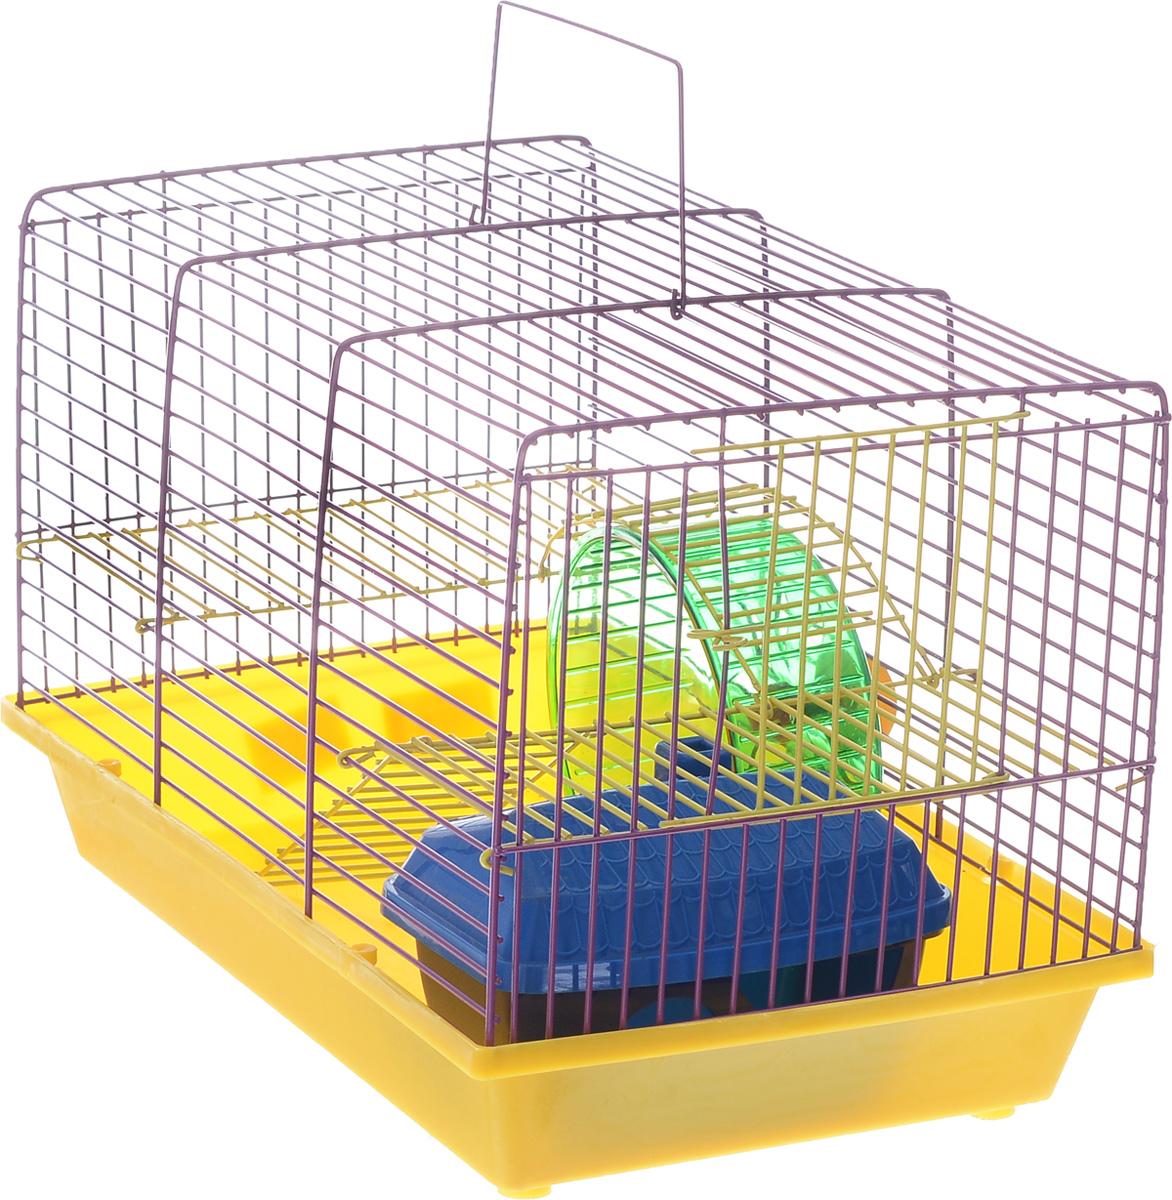 Клетка для грызунов Зоомарк  Венеция , 2-этажная, цвет: желтый поддон, фиолетовая решетка, 36 х 23 х 24 см - Клетки, вольеры, будки